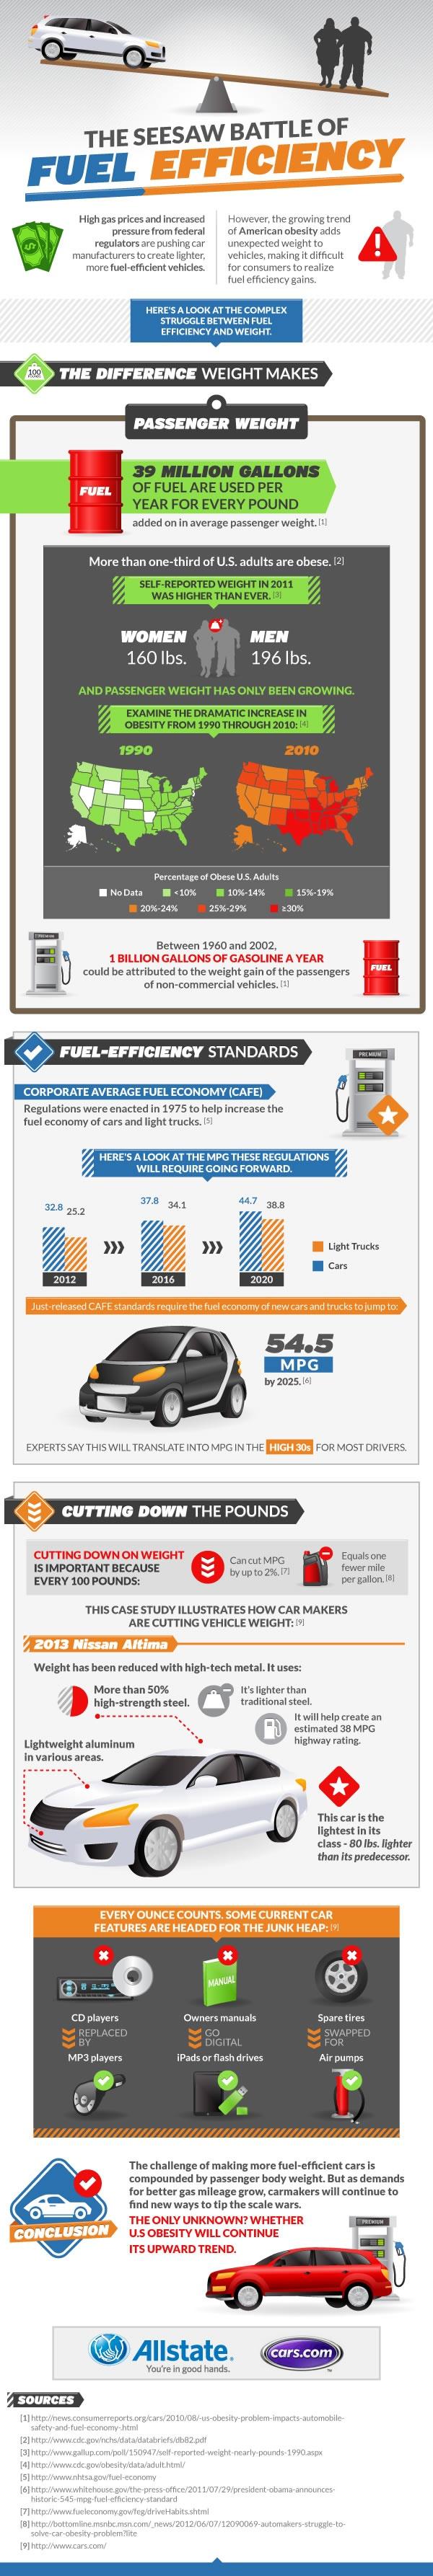 23 best Fuel Economy images on Pinterest | Fuel economy, Info ...